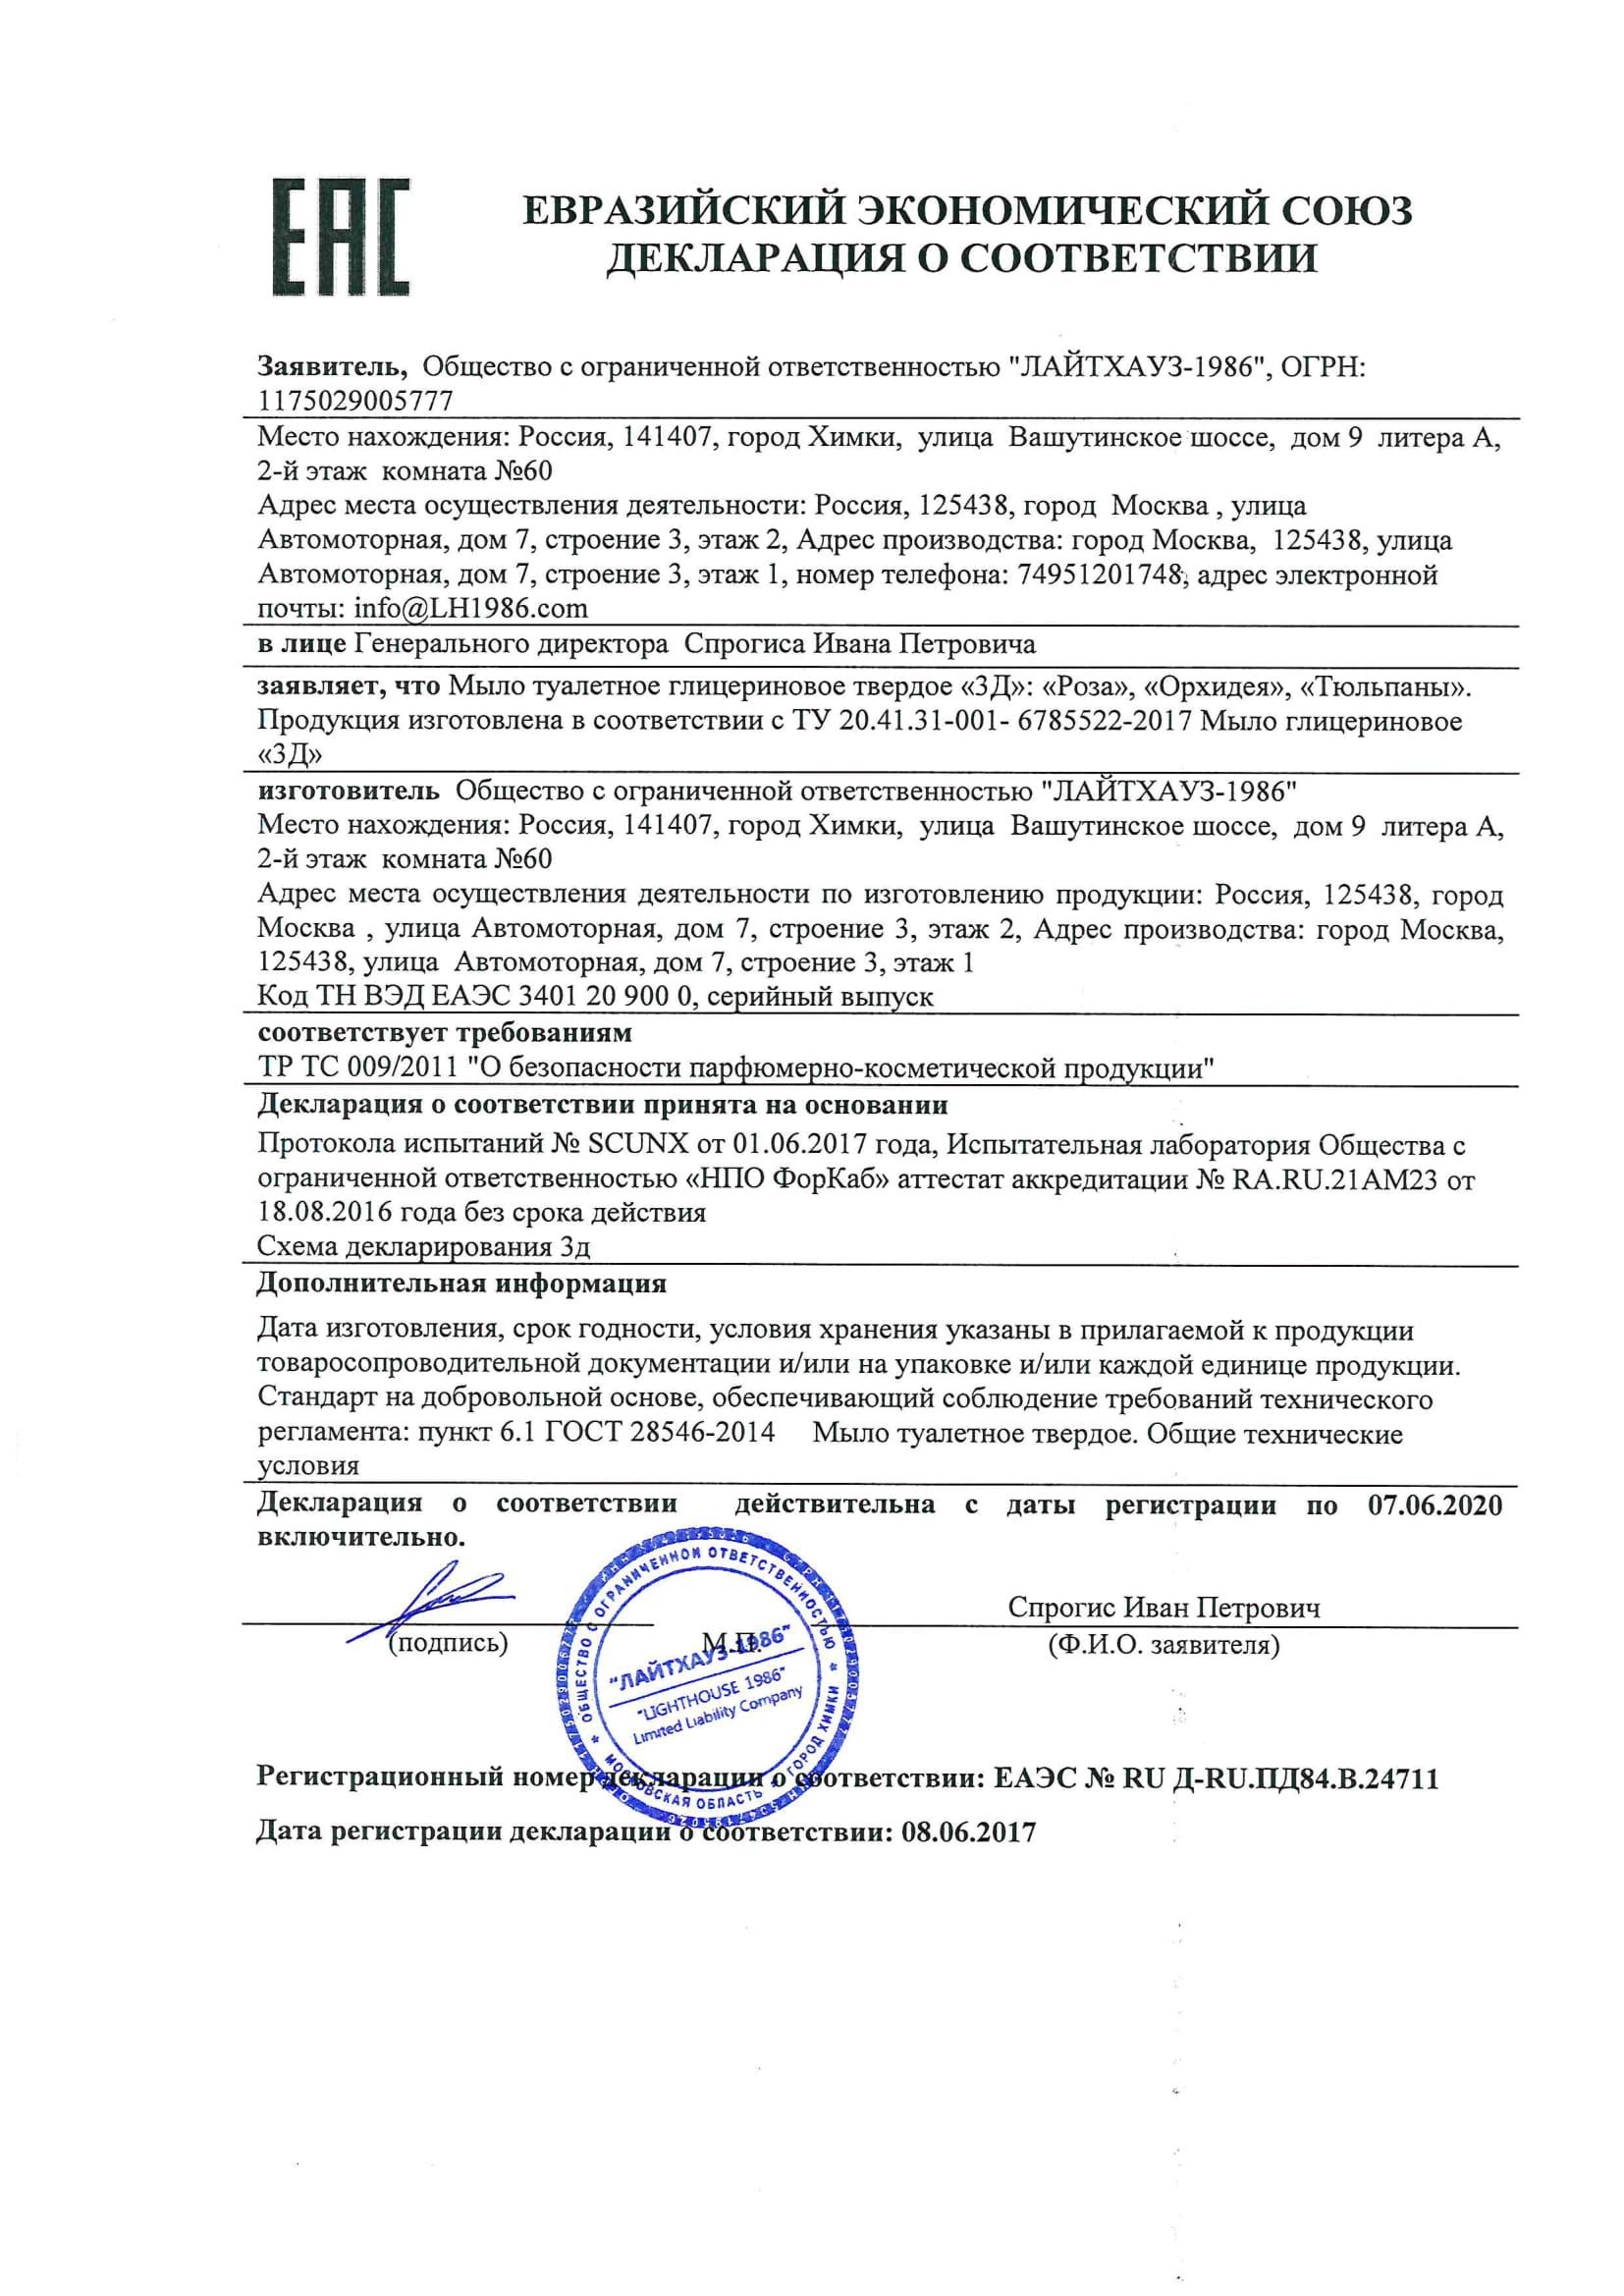 Декларация_о_соответствии_ЕАС-1.jpg